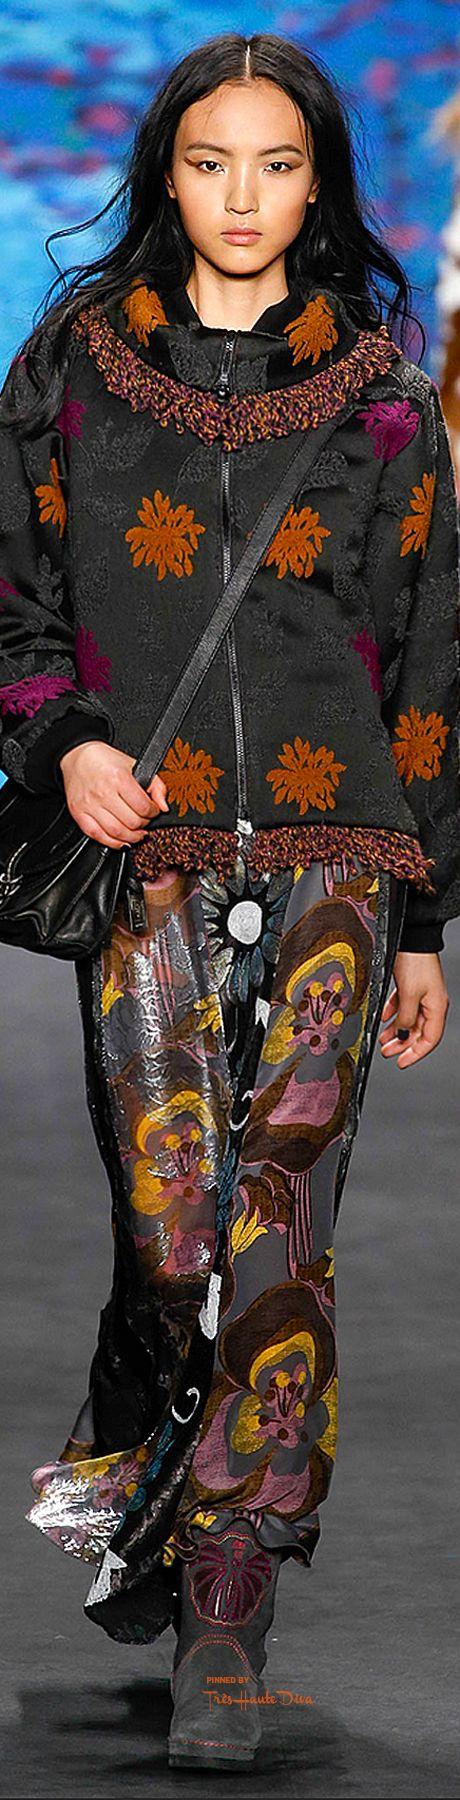 New York Fashion Week.         Anna Sui.        Fall 2015.          Ready To Wear.